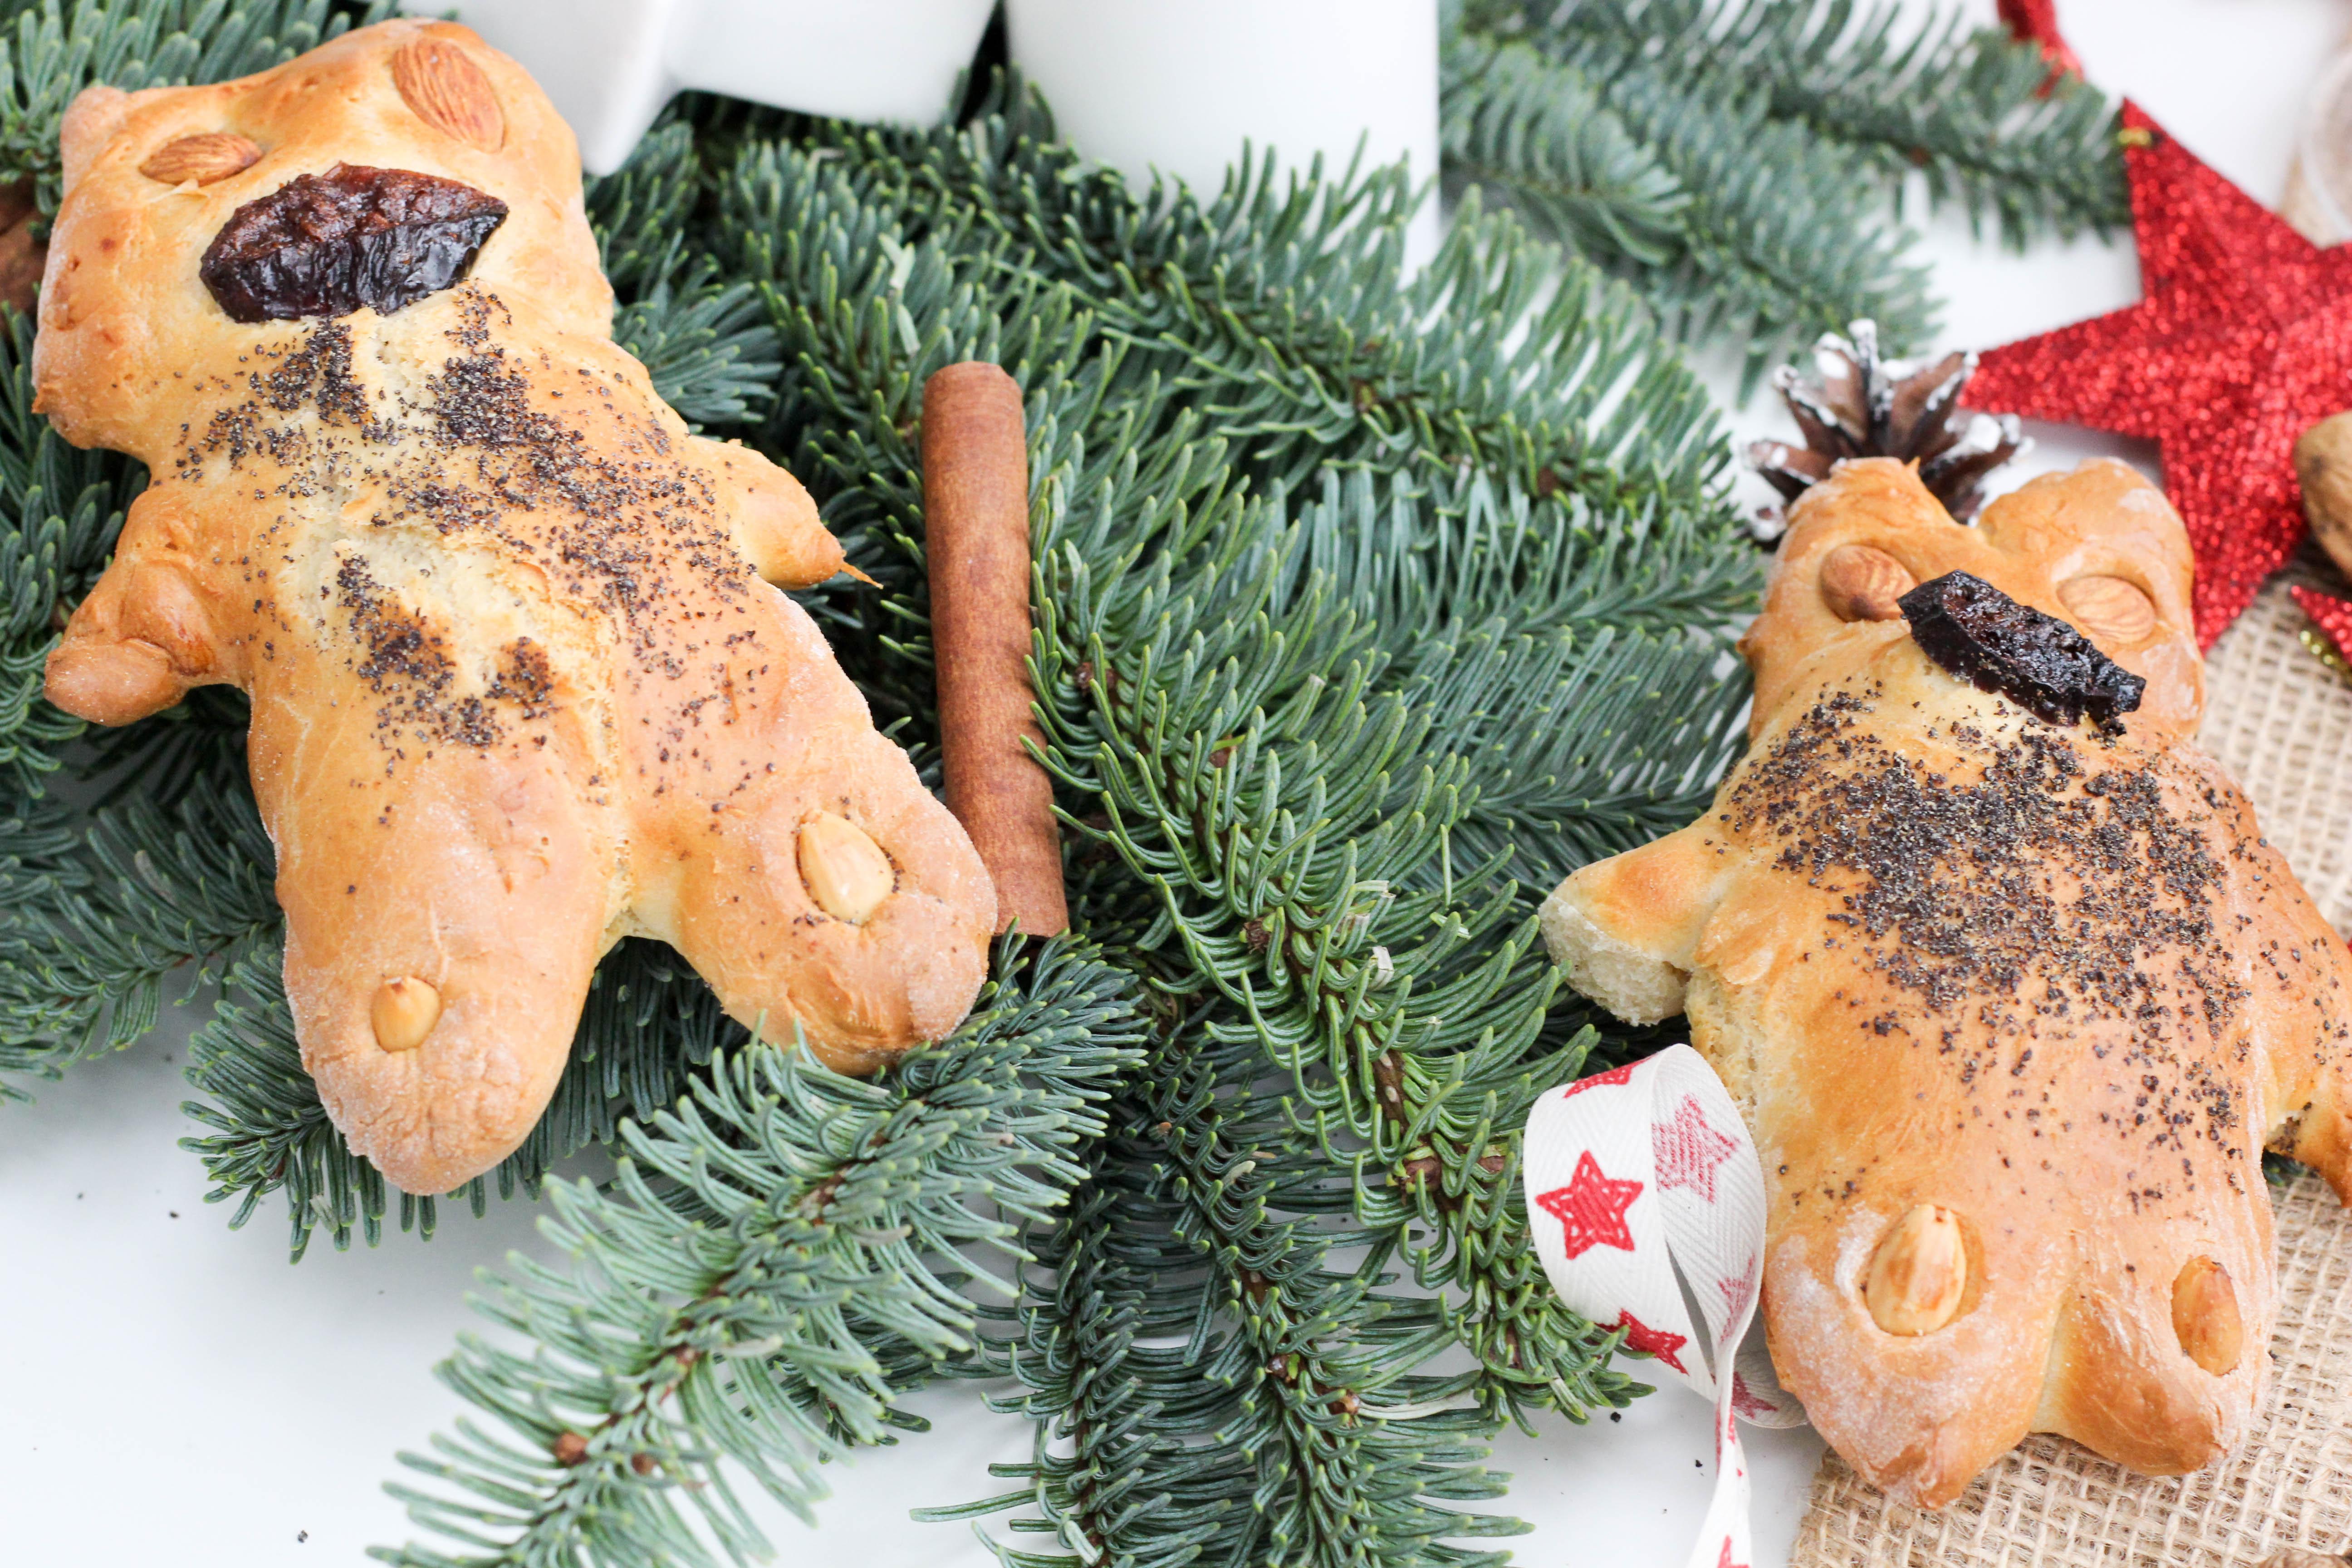 vegan-nikolaus-krampus-weihnachten-bratapfel-germteig-perchten-nuesse-christmas-soulfood-homespa-plantbased-28-von-35